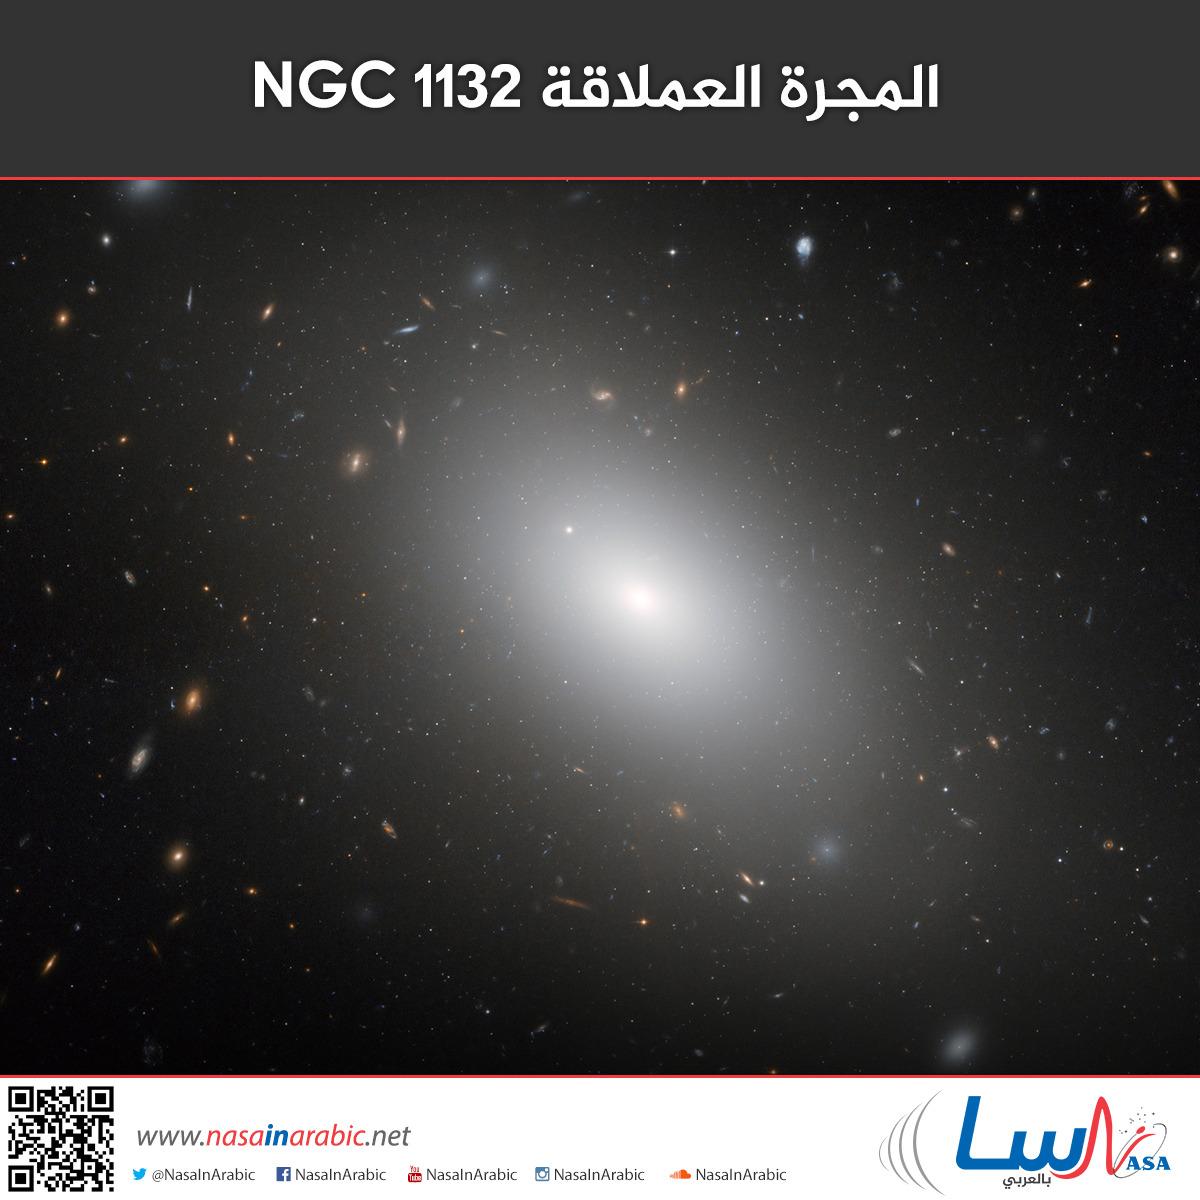 المجرة العملاقة NGC 1132